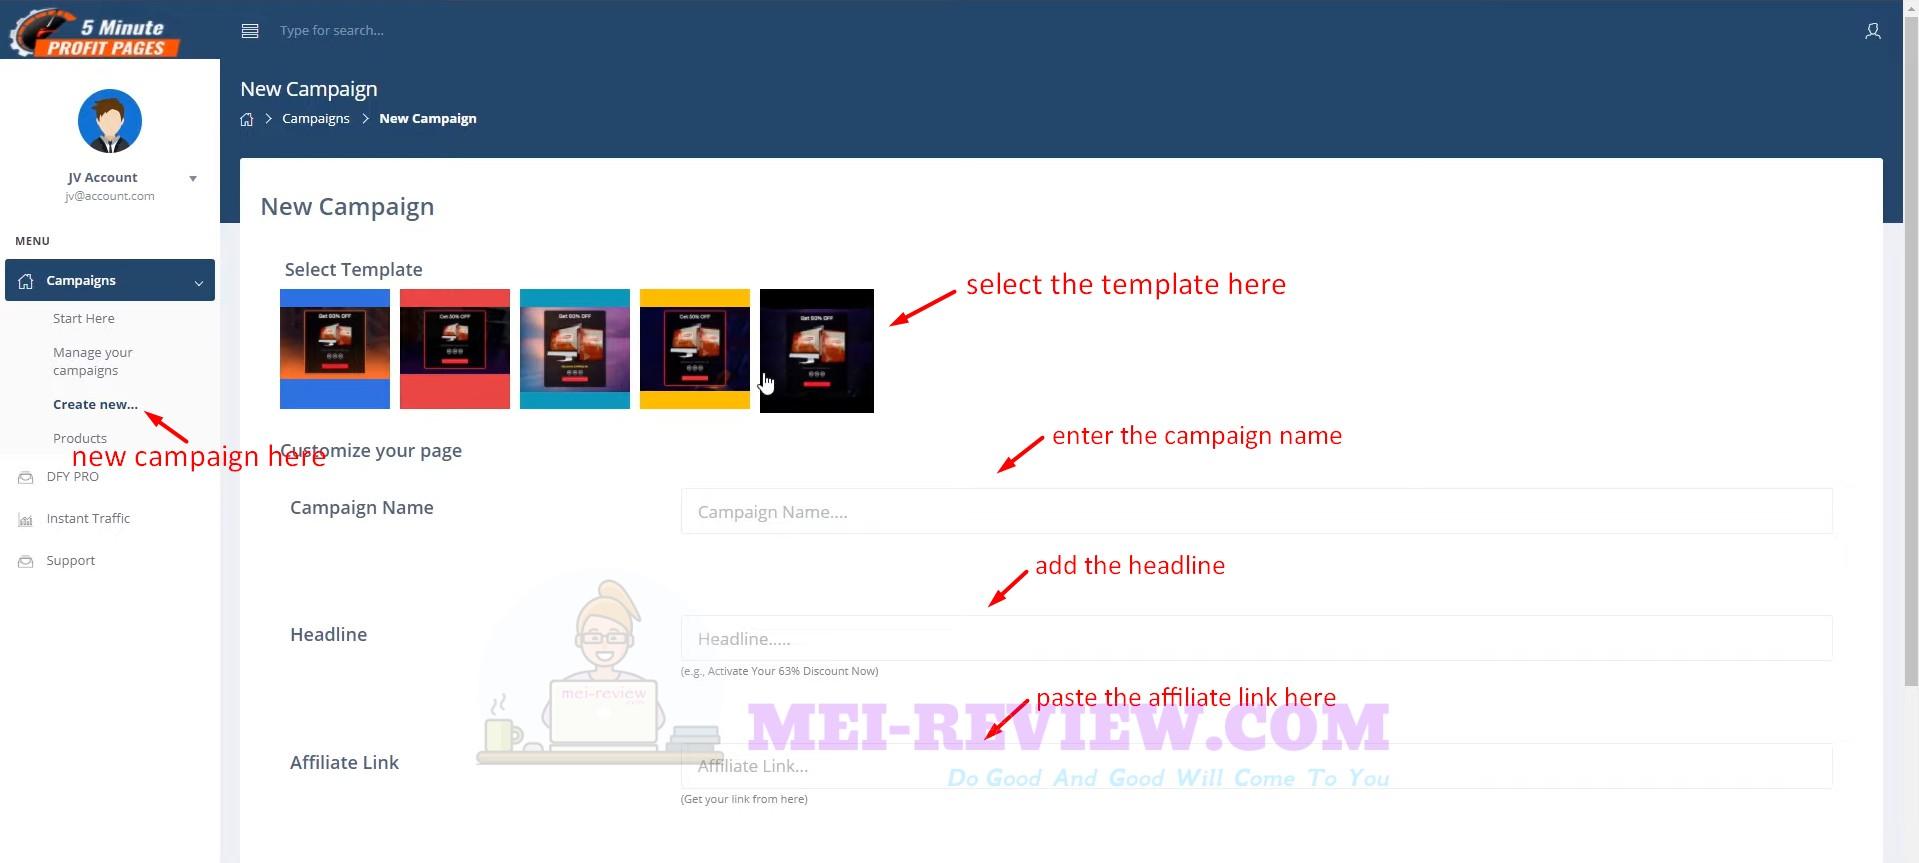 5-Minute-Profit-Pages-Demo-7